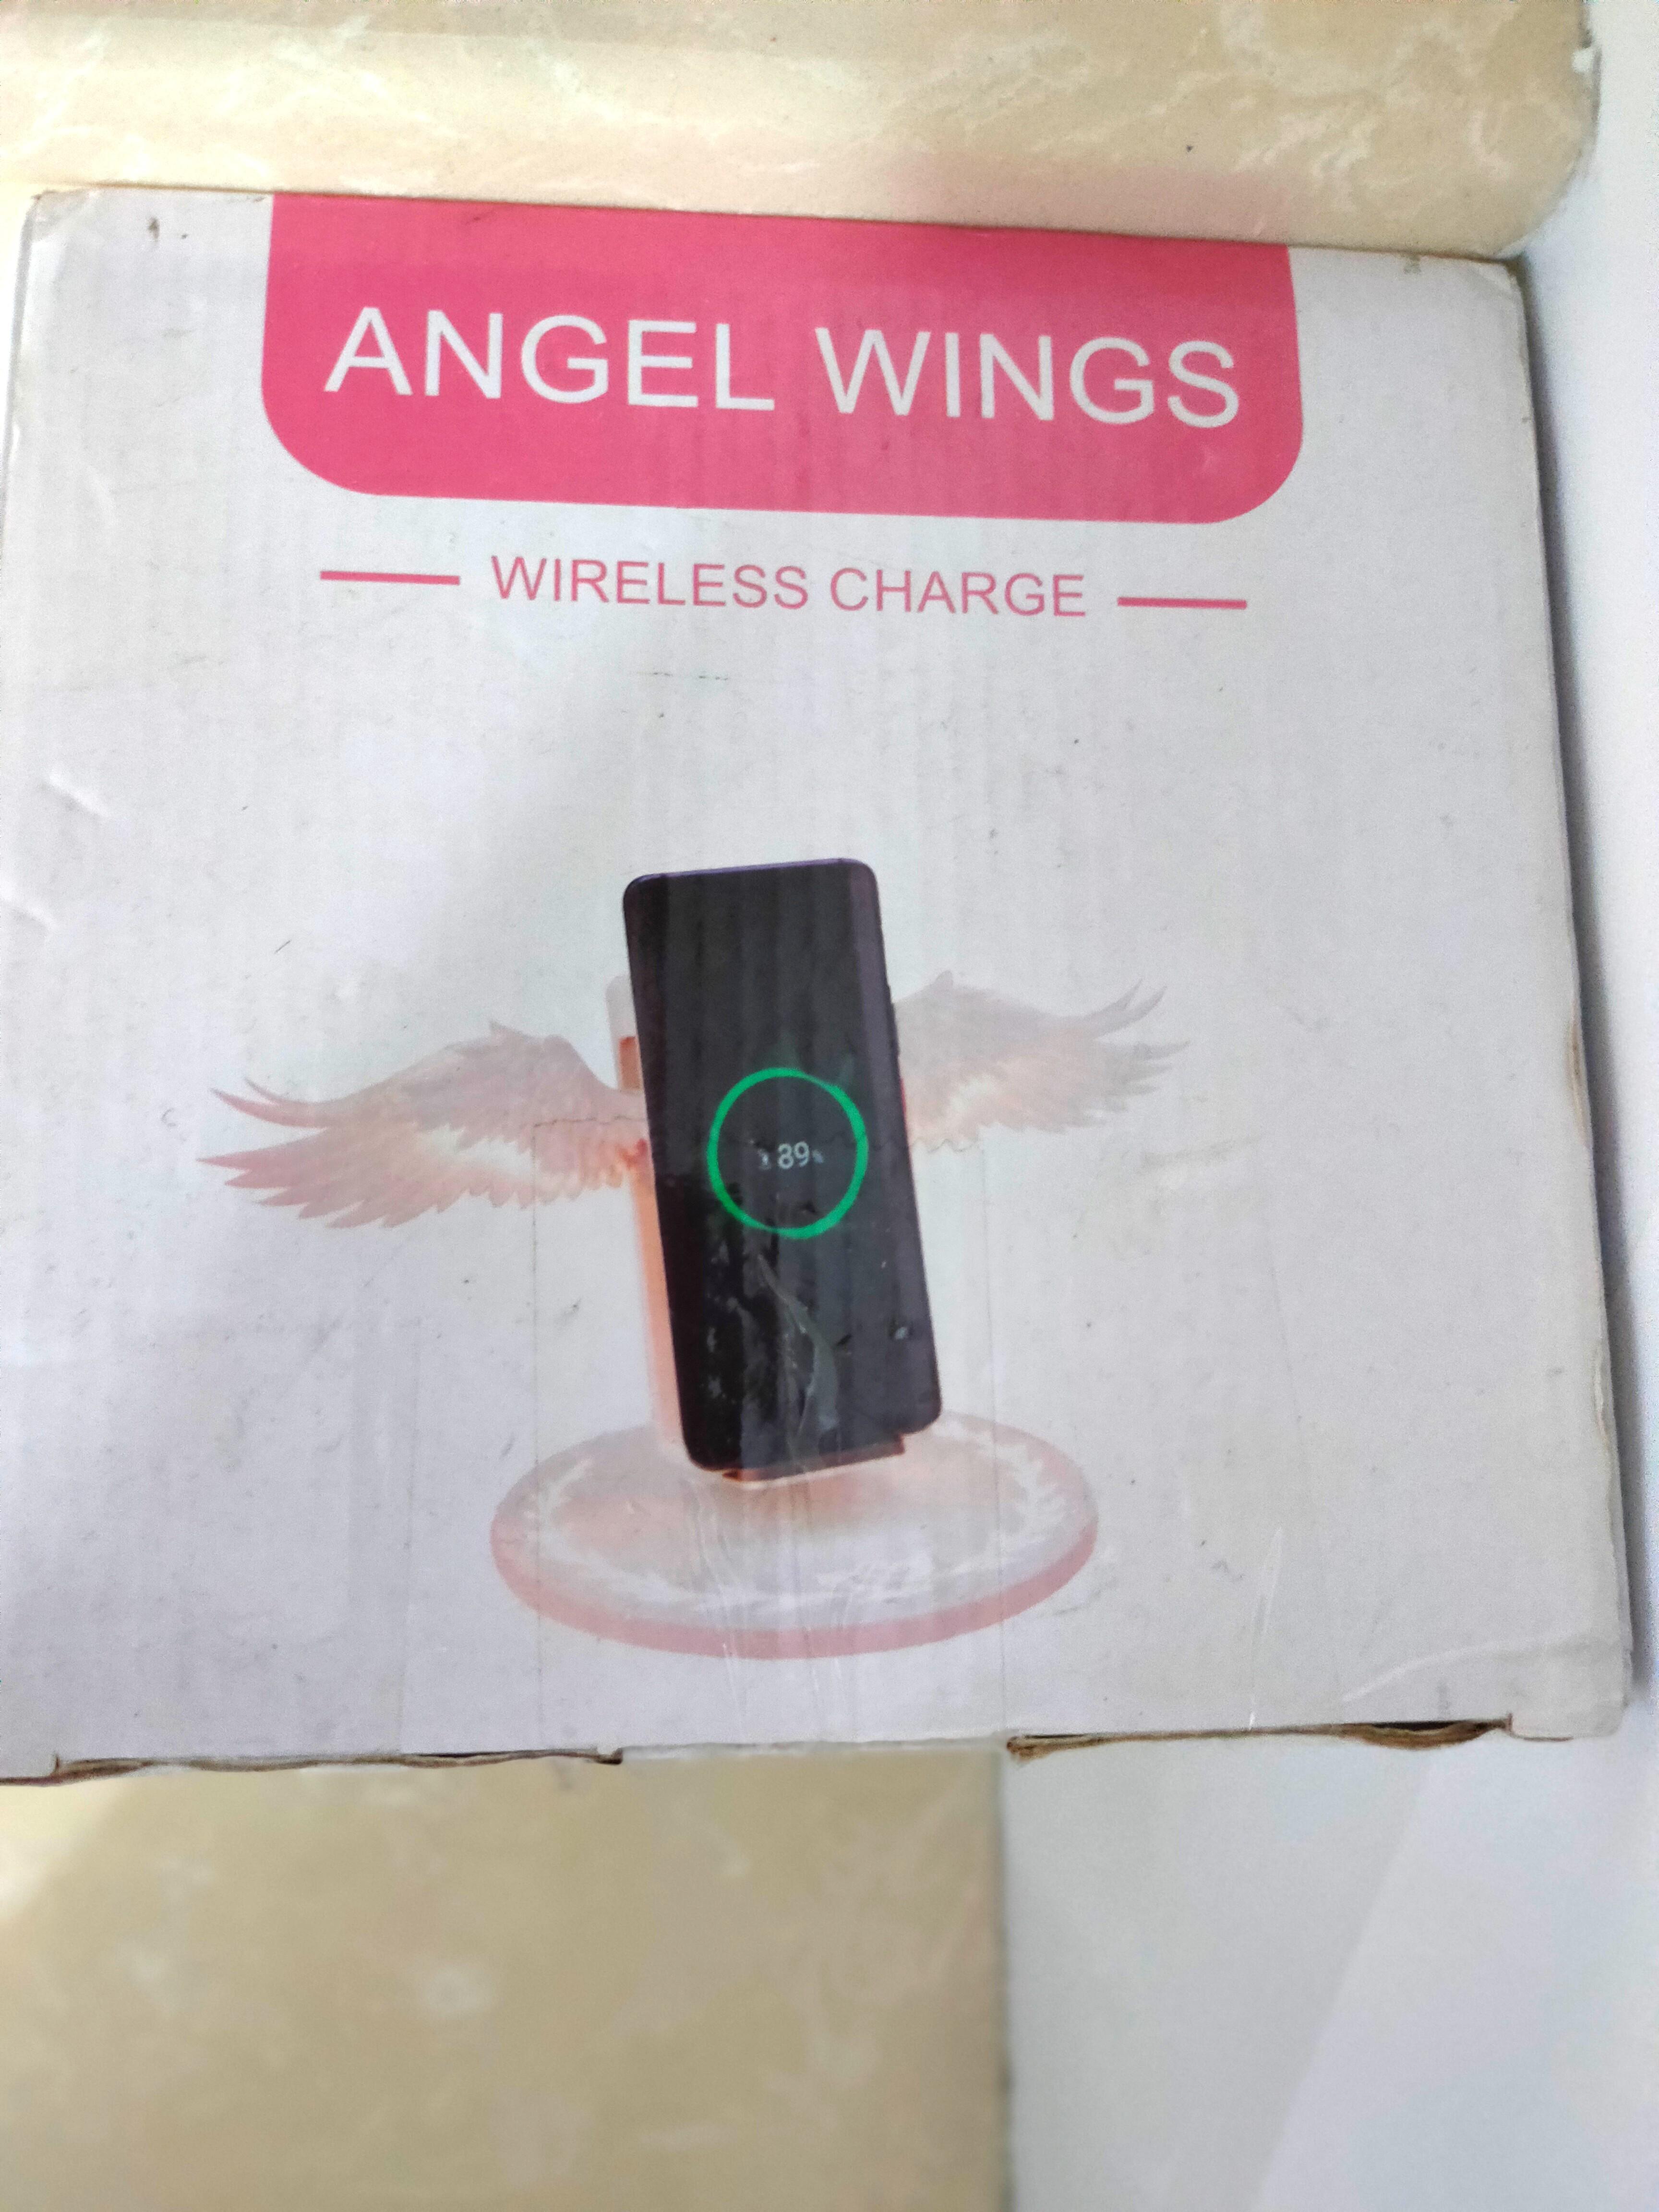 Angel wings 天使之翼 天使翅膀 無線充電座 無線充電器 翅膀開合 發光底座